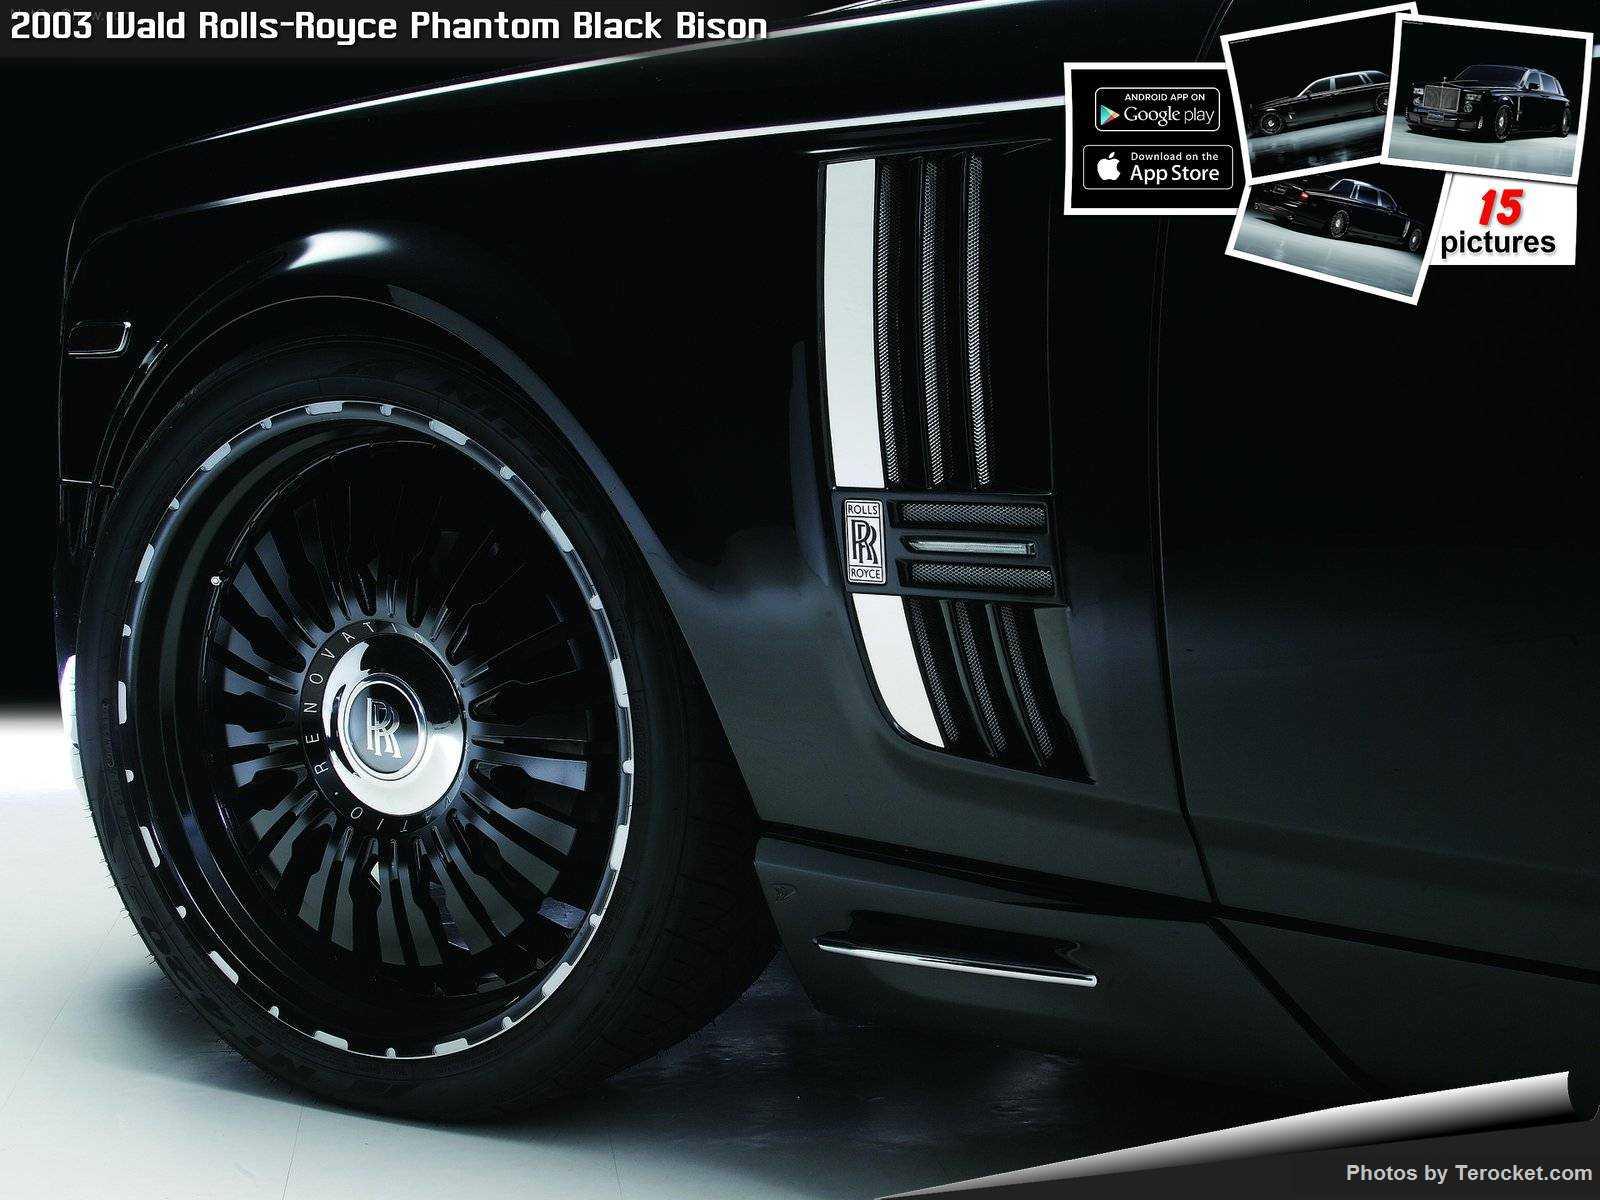 Hình ảnh xe độ Wald Rolls-Royce Phantom Black Bison 2003 & nội ngoại thất